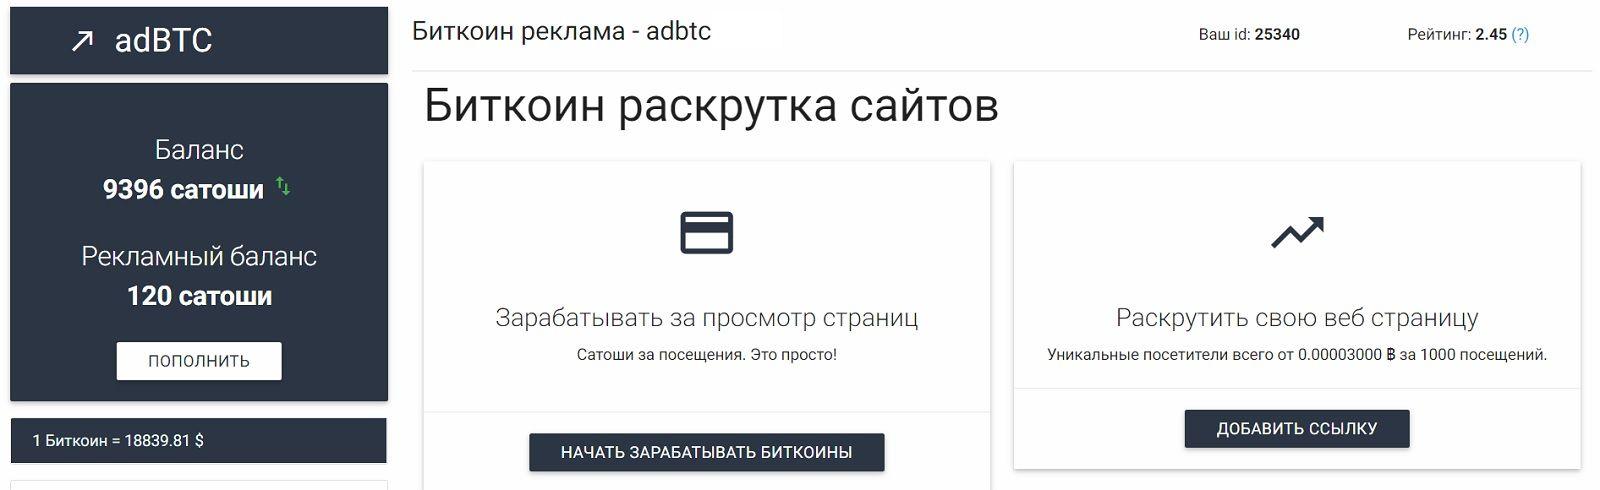 adbtc.jpg